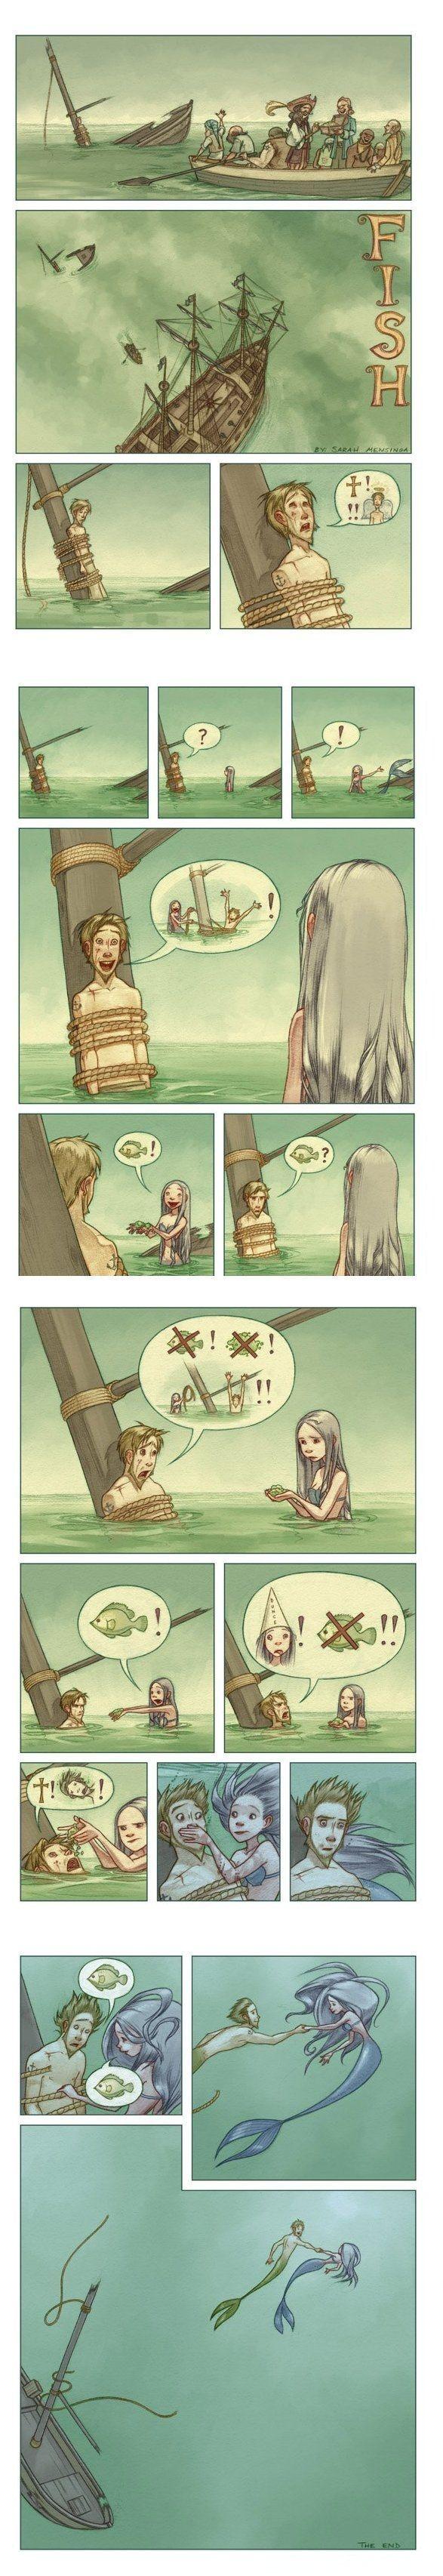 Komiksas: Jūreivis ir Undinė